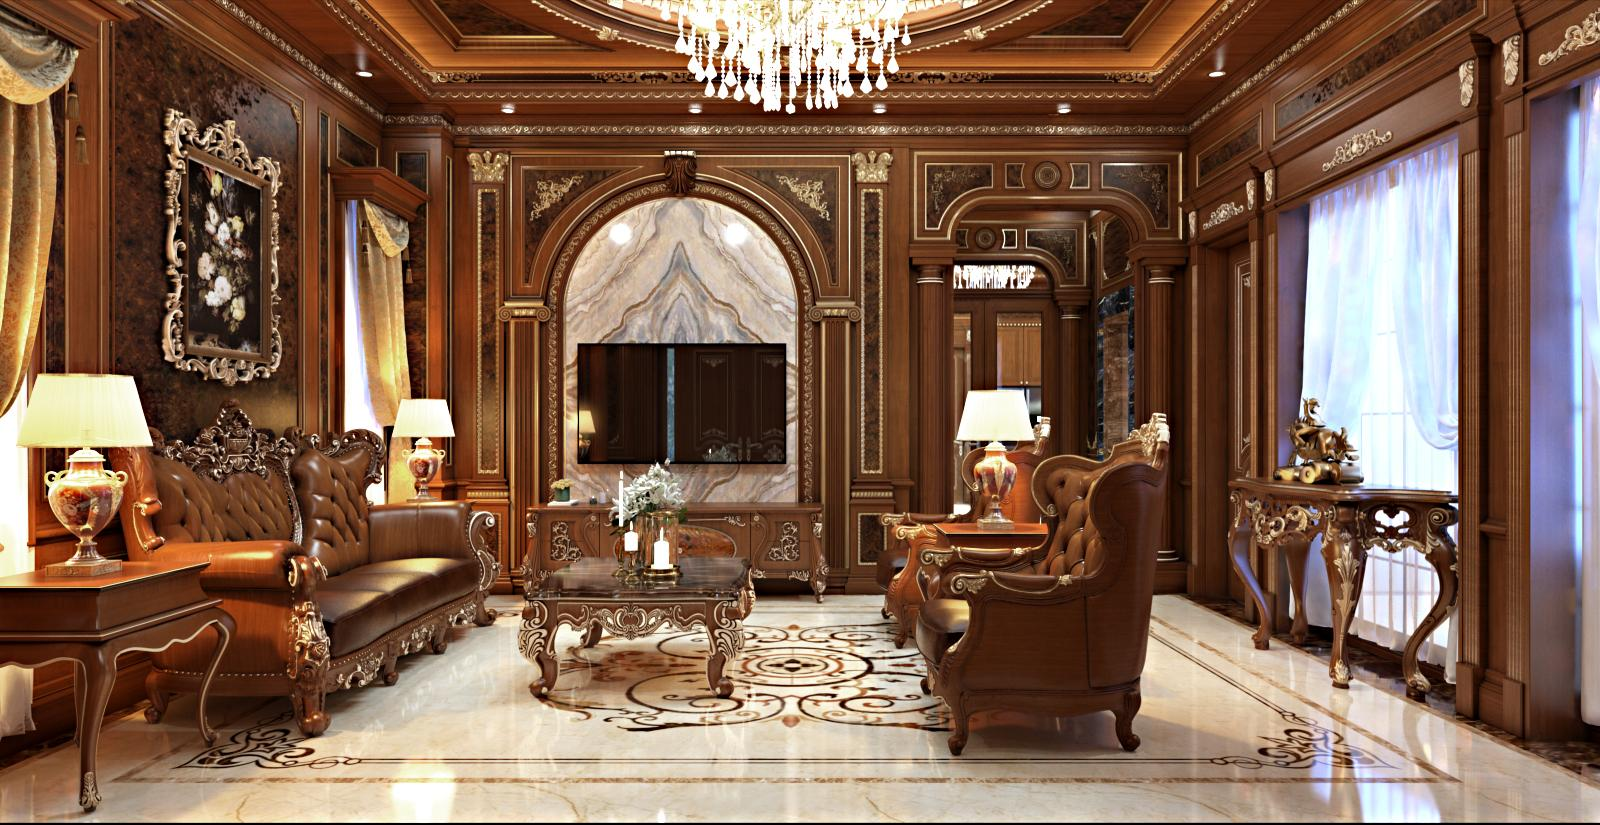 Thiết kế nội thất khách bếp bằng gỗ đẳng cấp tại Hải Phòng